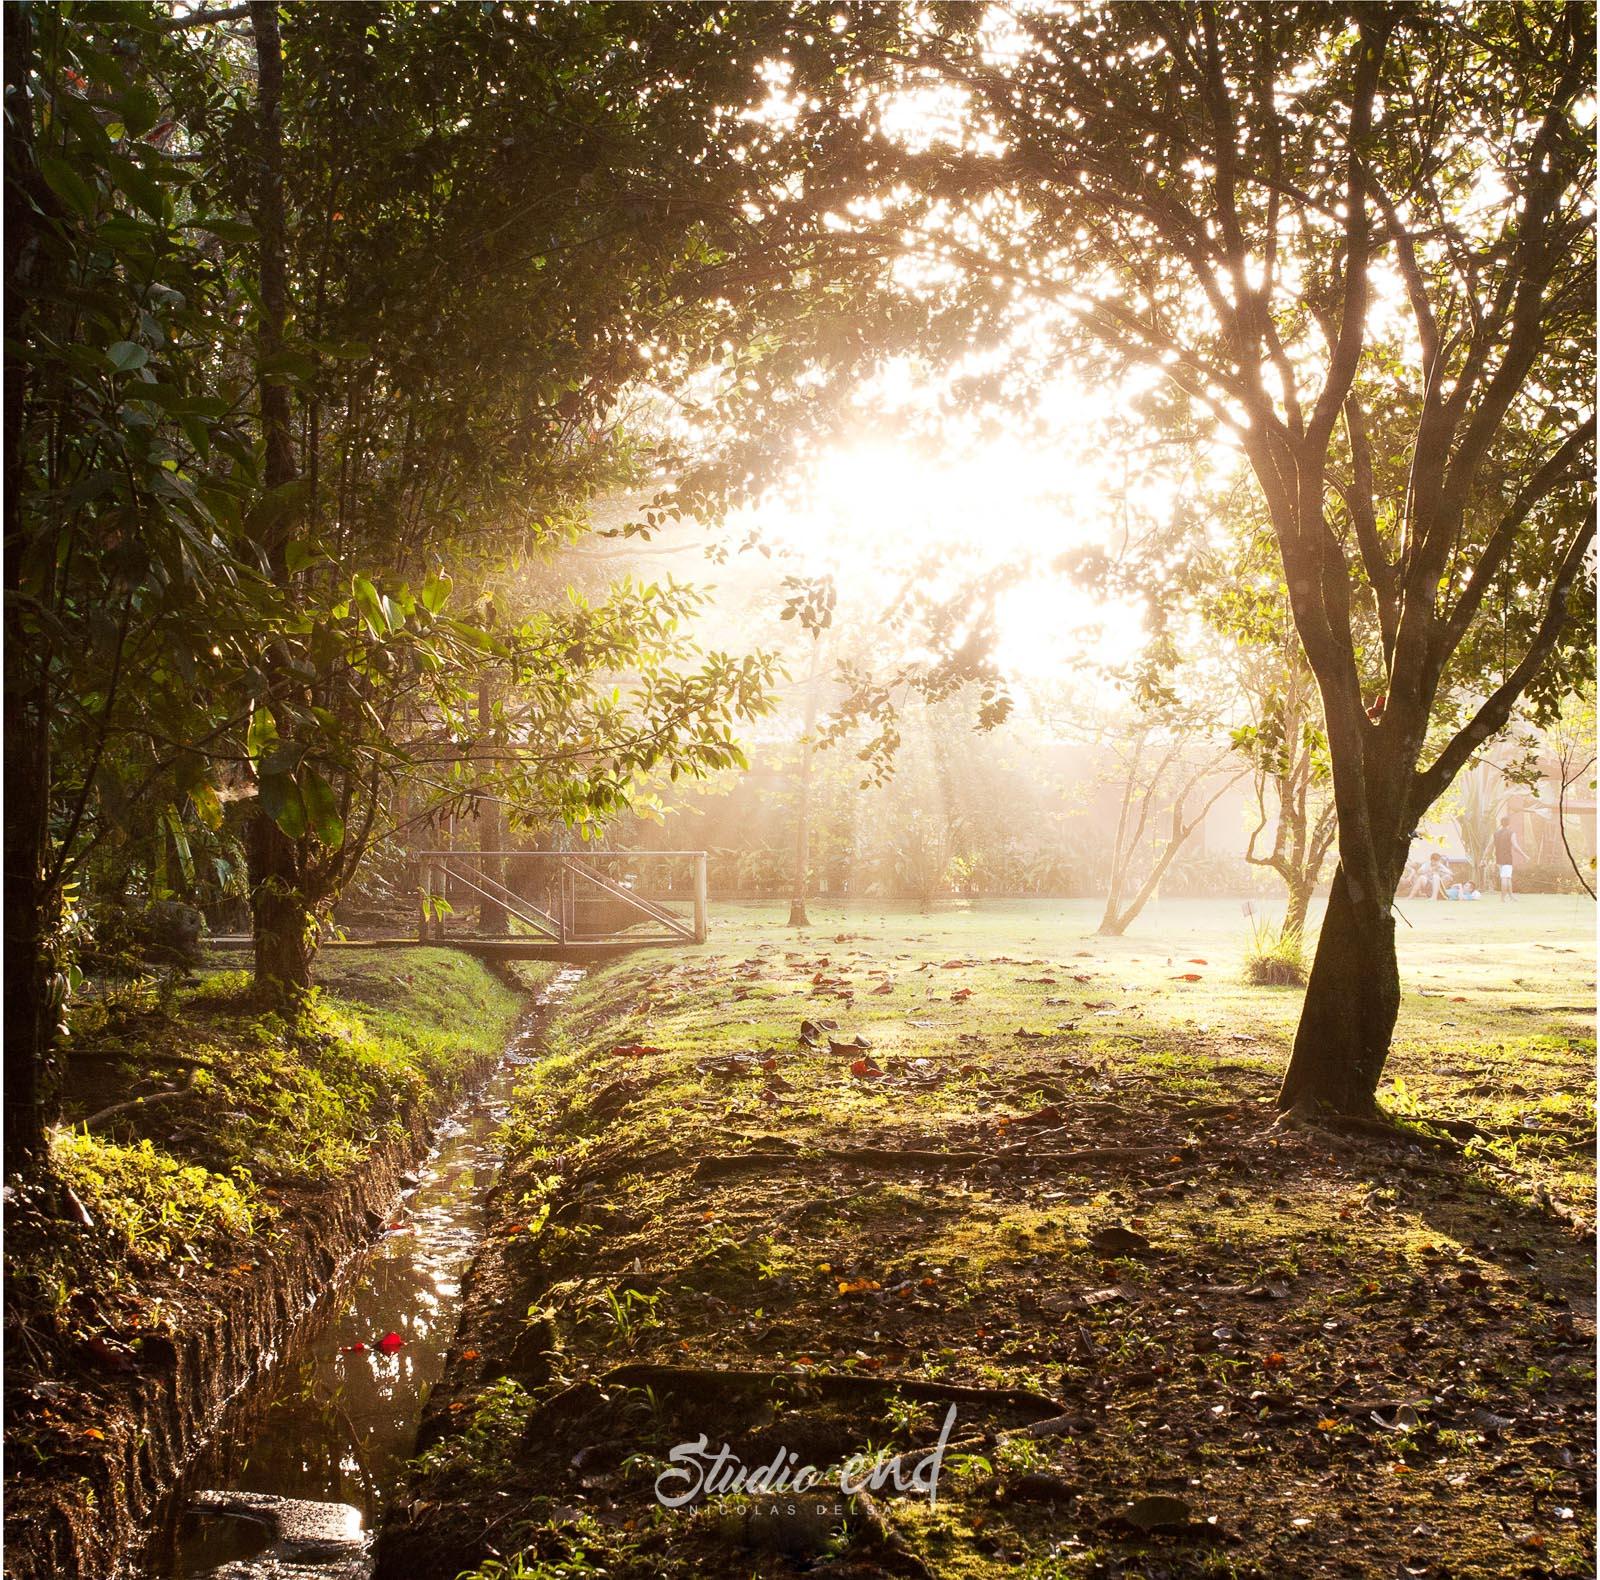 Photographie et reportage de voyage jardin Nicolas Delsaut